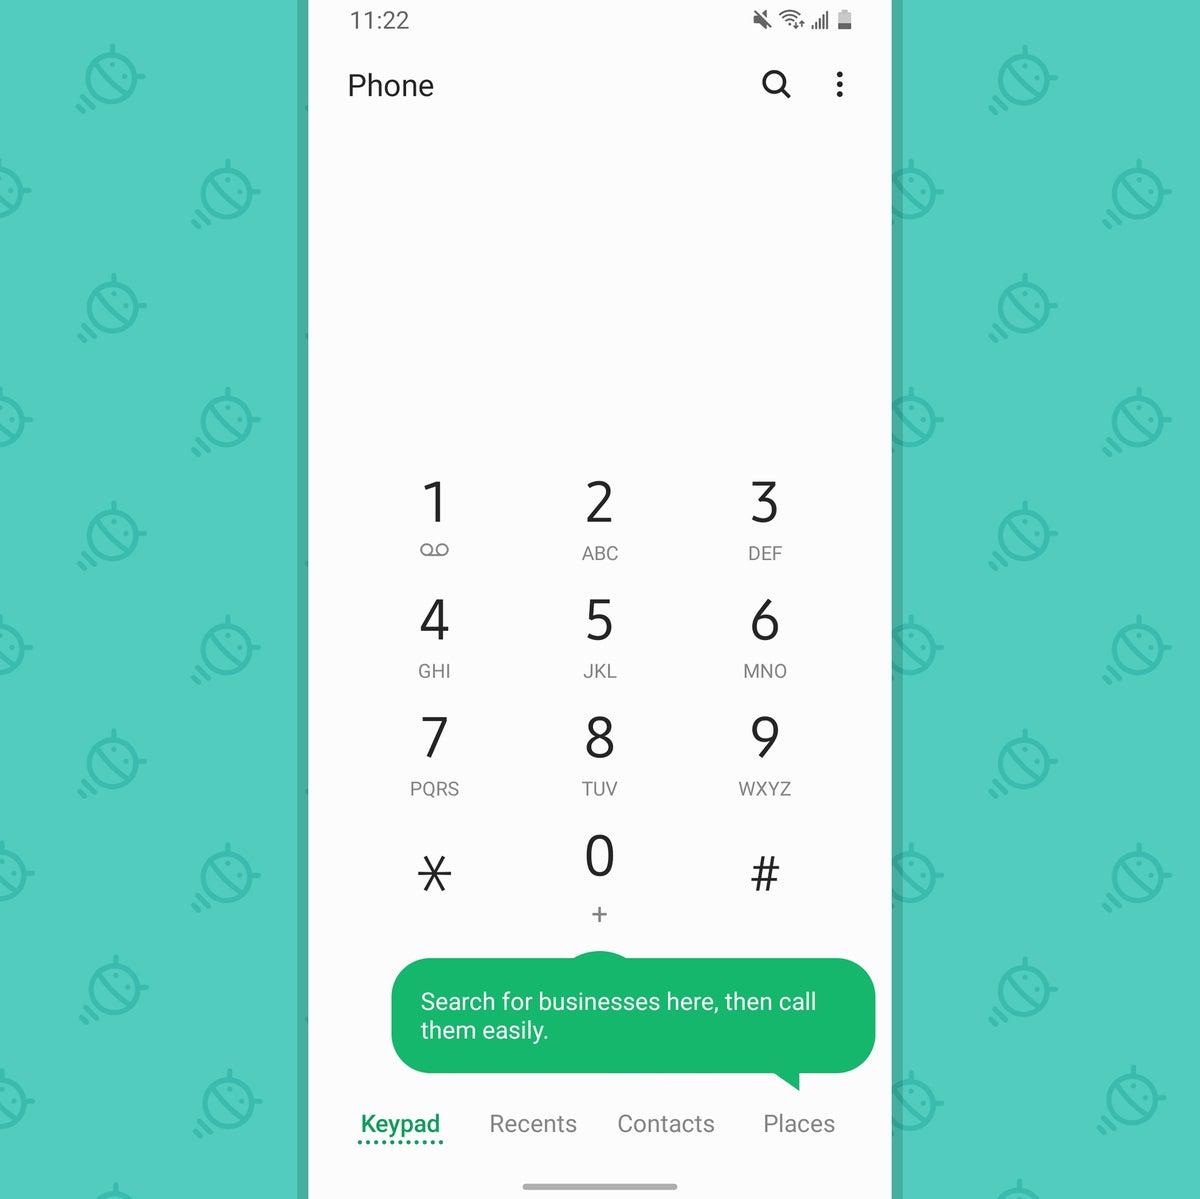 Aplicación de teléfono Samsung (1)